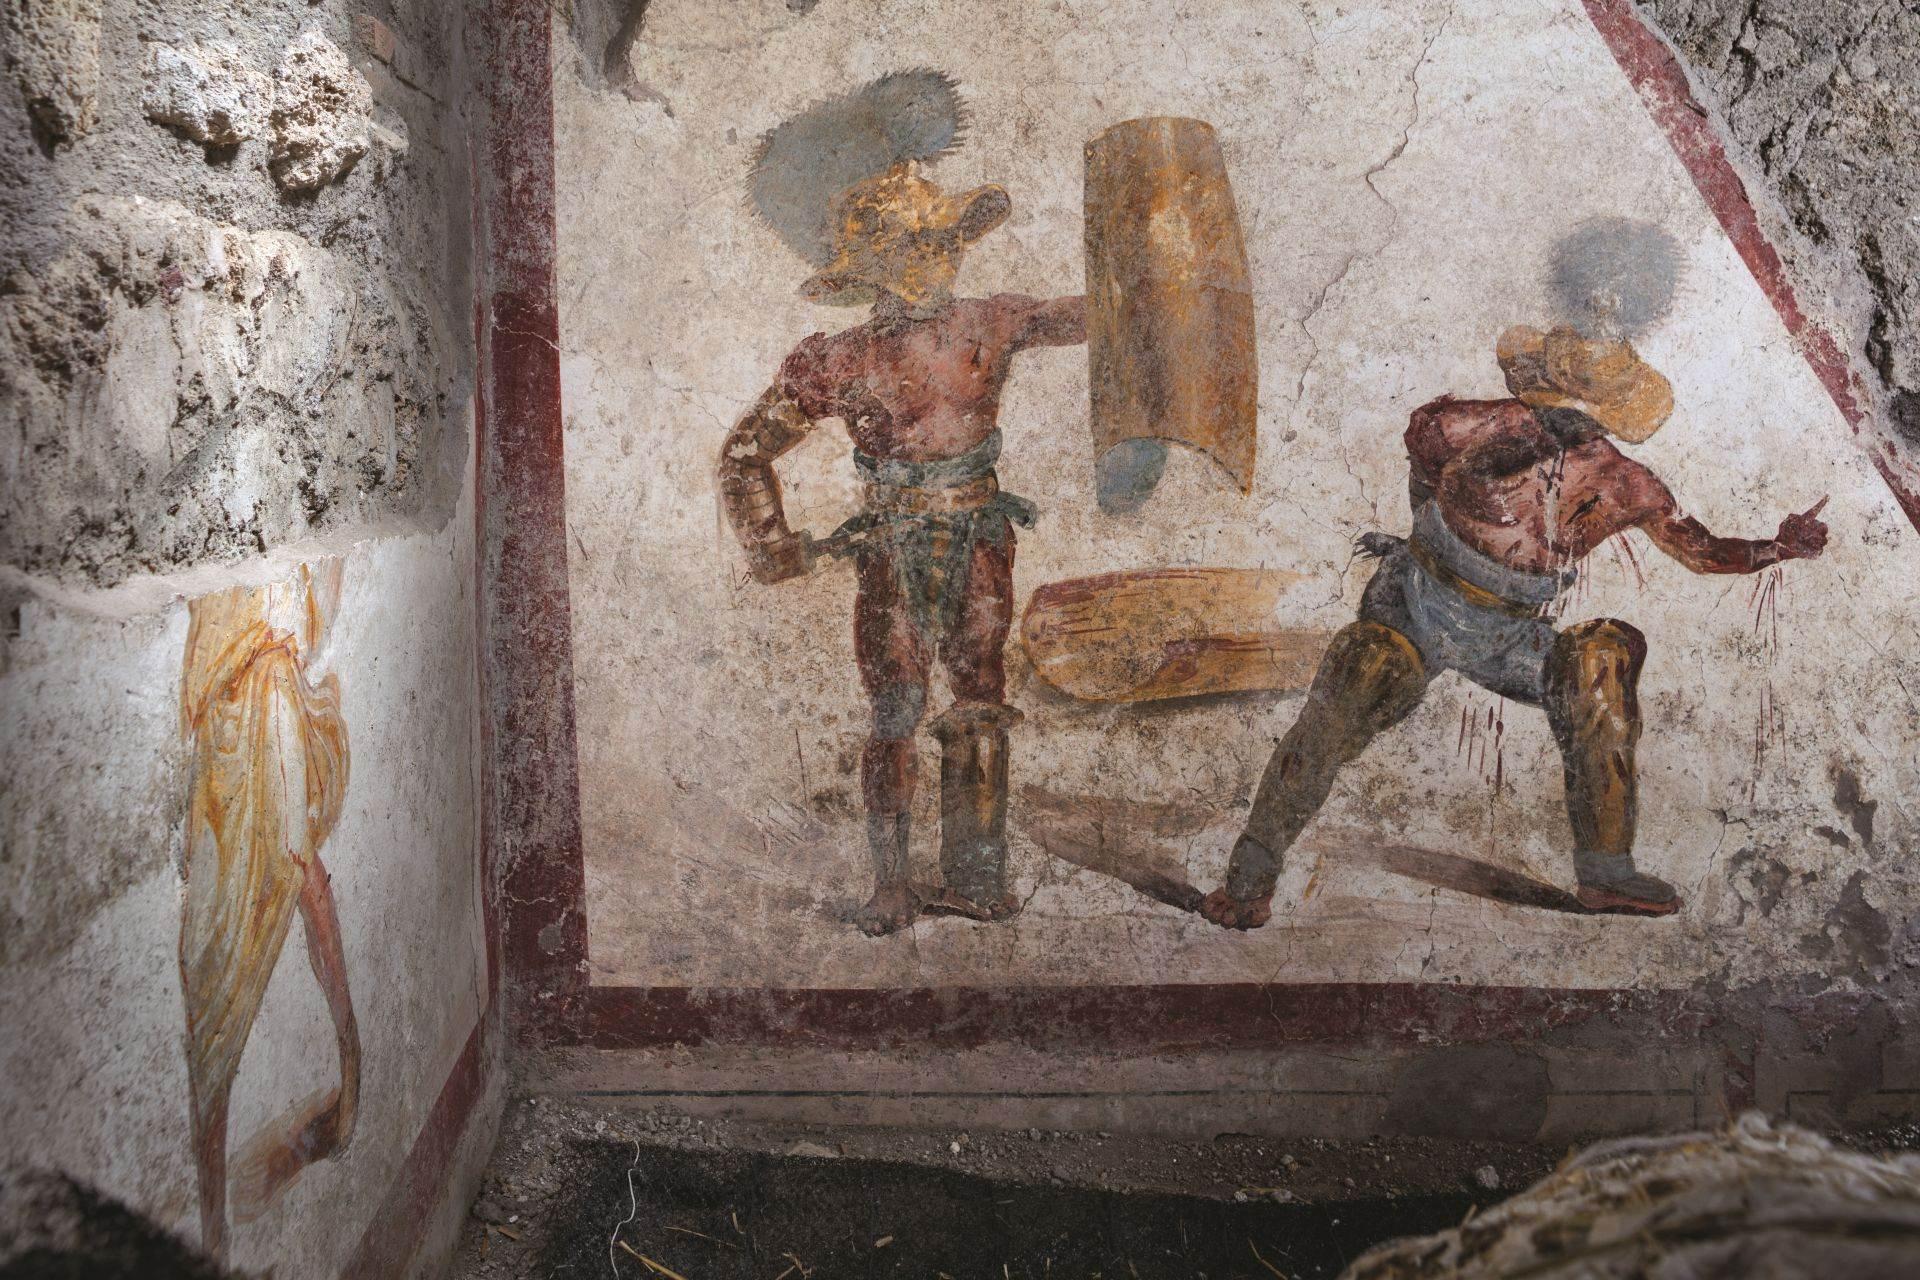 Freska iz Pompeje otkriva da su ranjeni gladijatori proglašavali predaju podignutim prstom. Pokrovitelji tada odlučili da li će im poštedeti život.